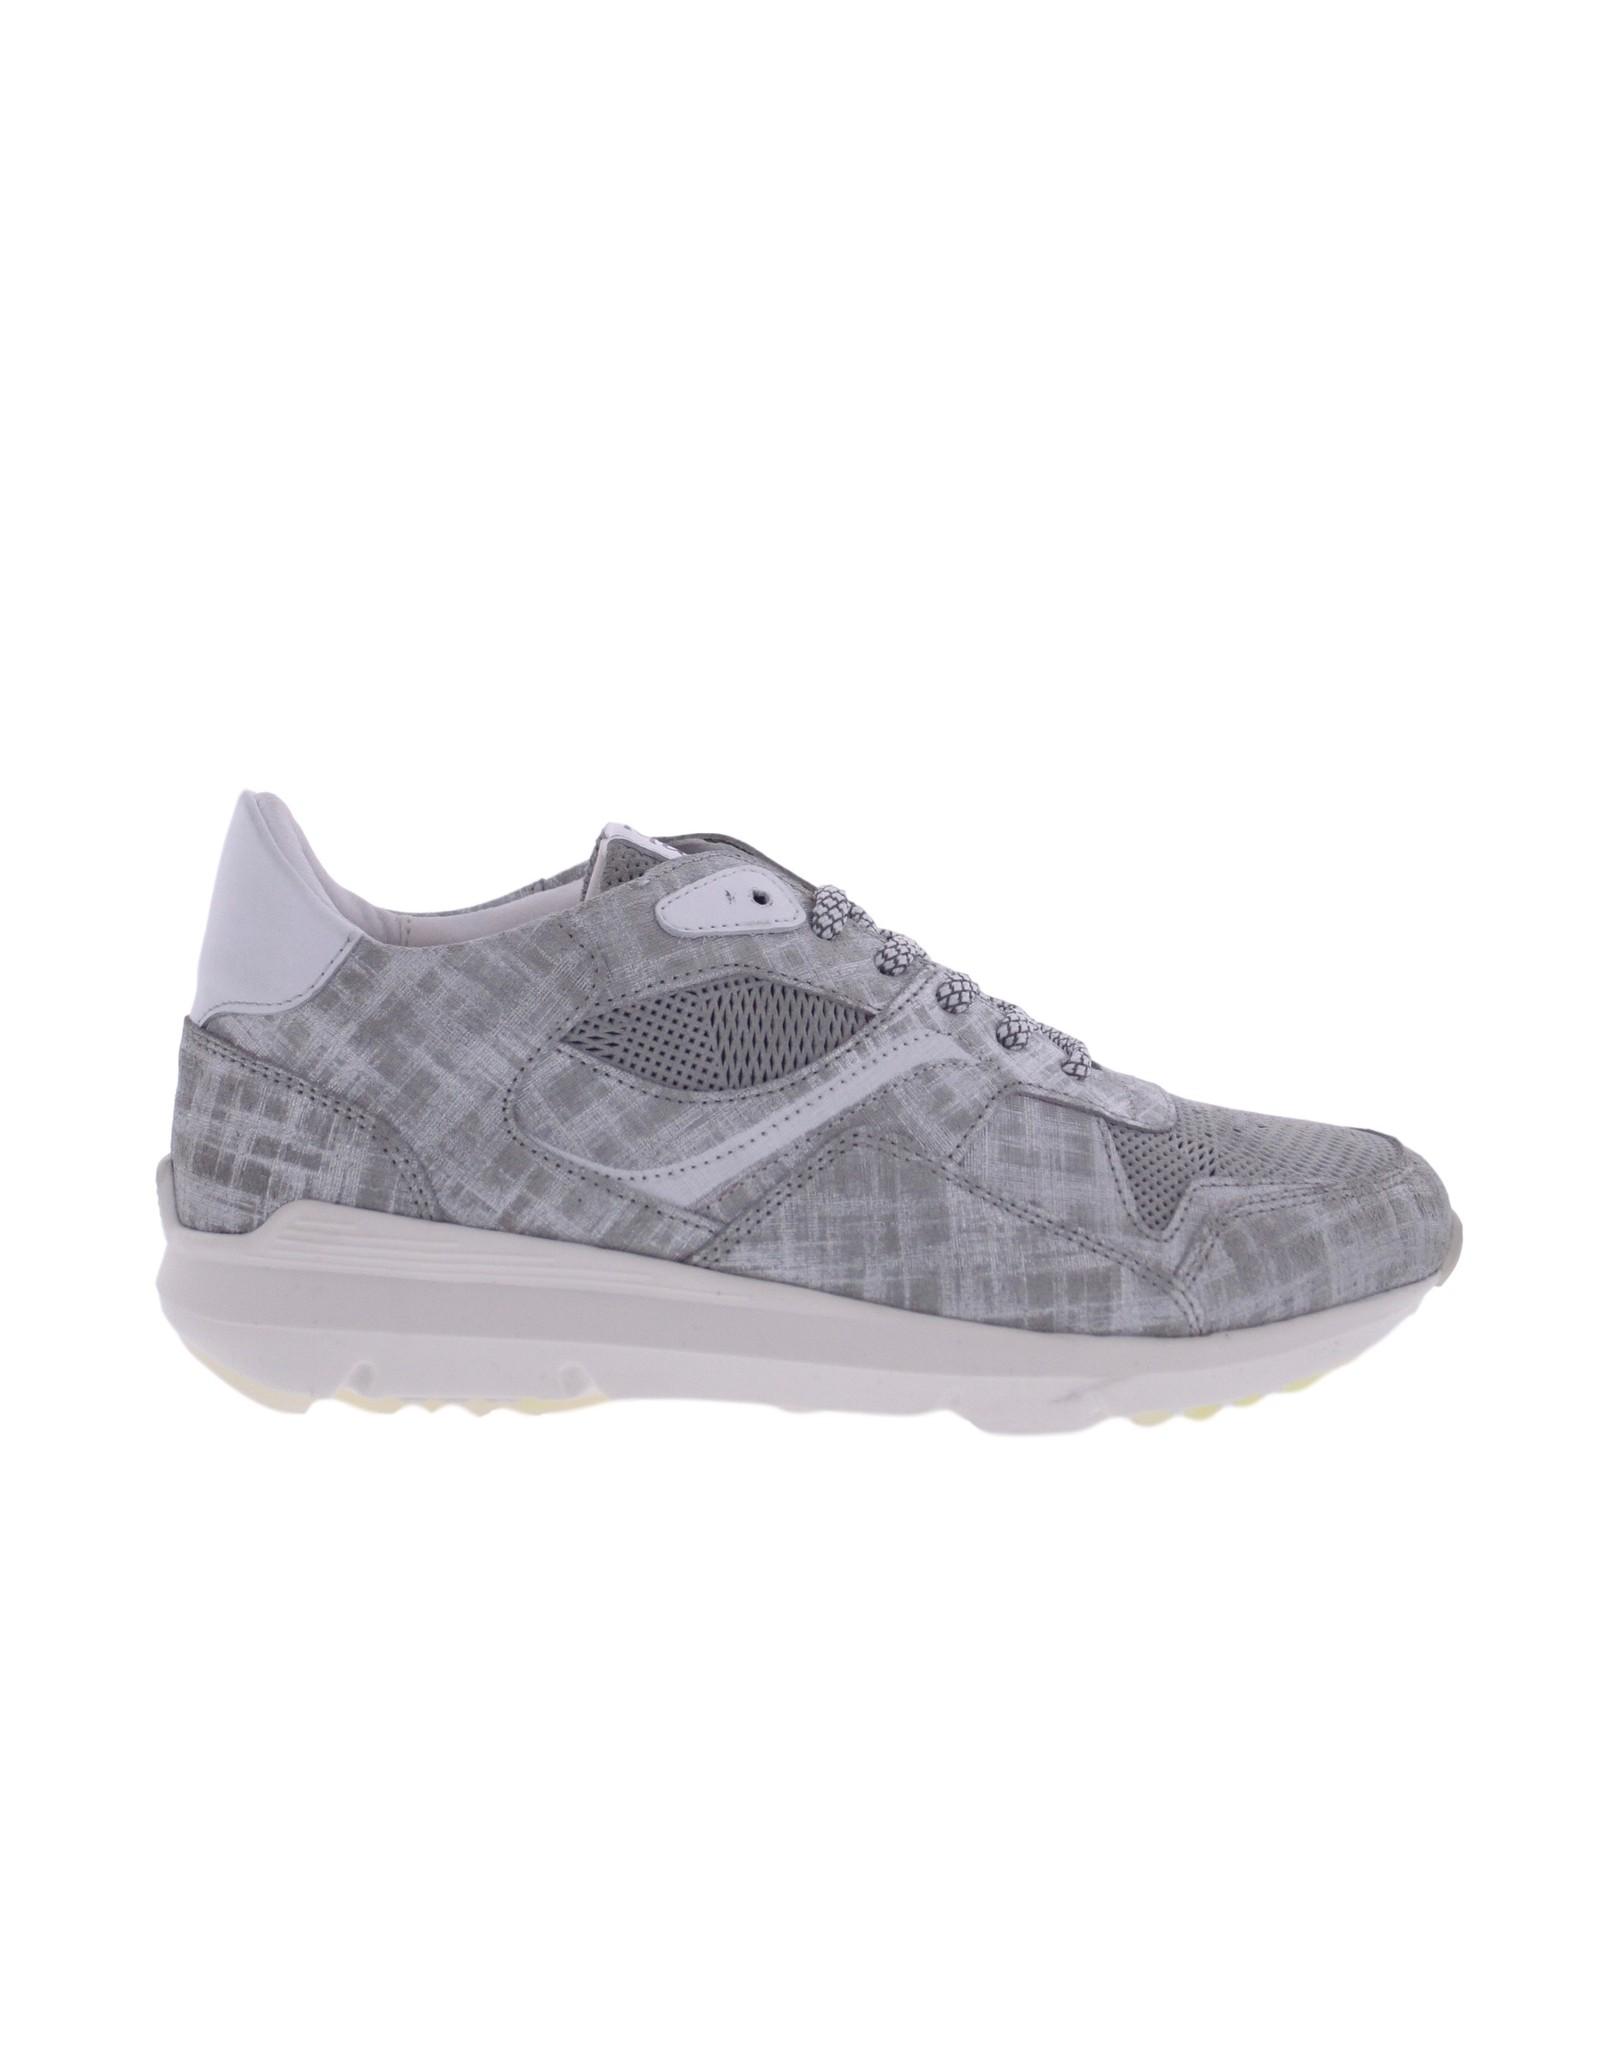 Muoviti Muoviti - Sneaker Zilver/wit